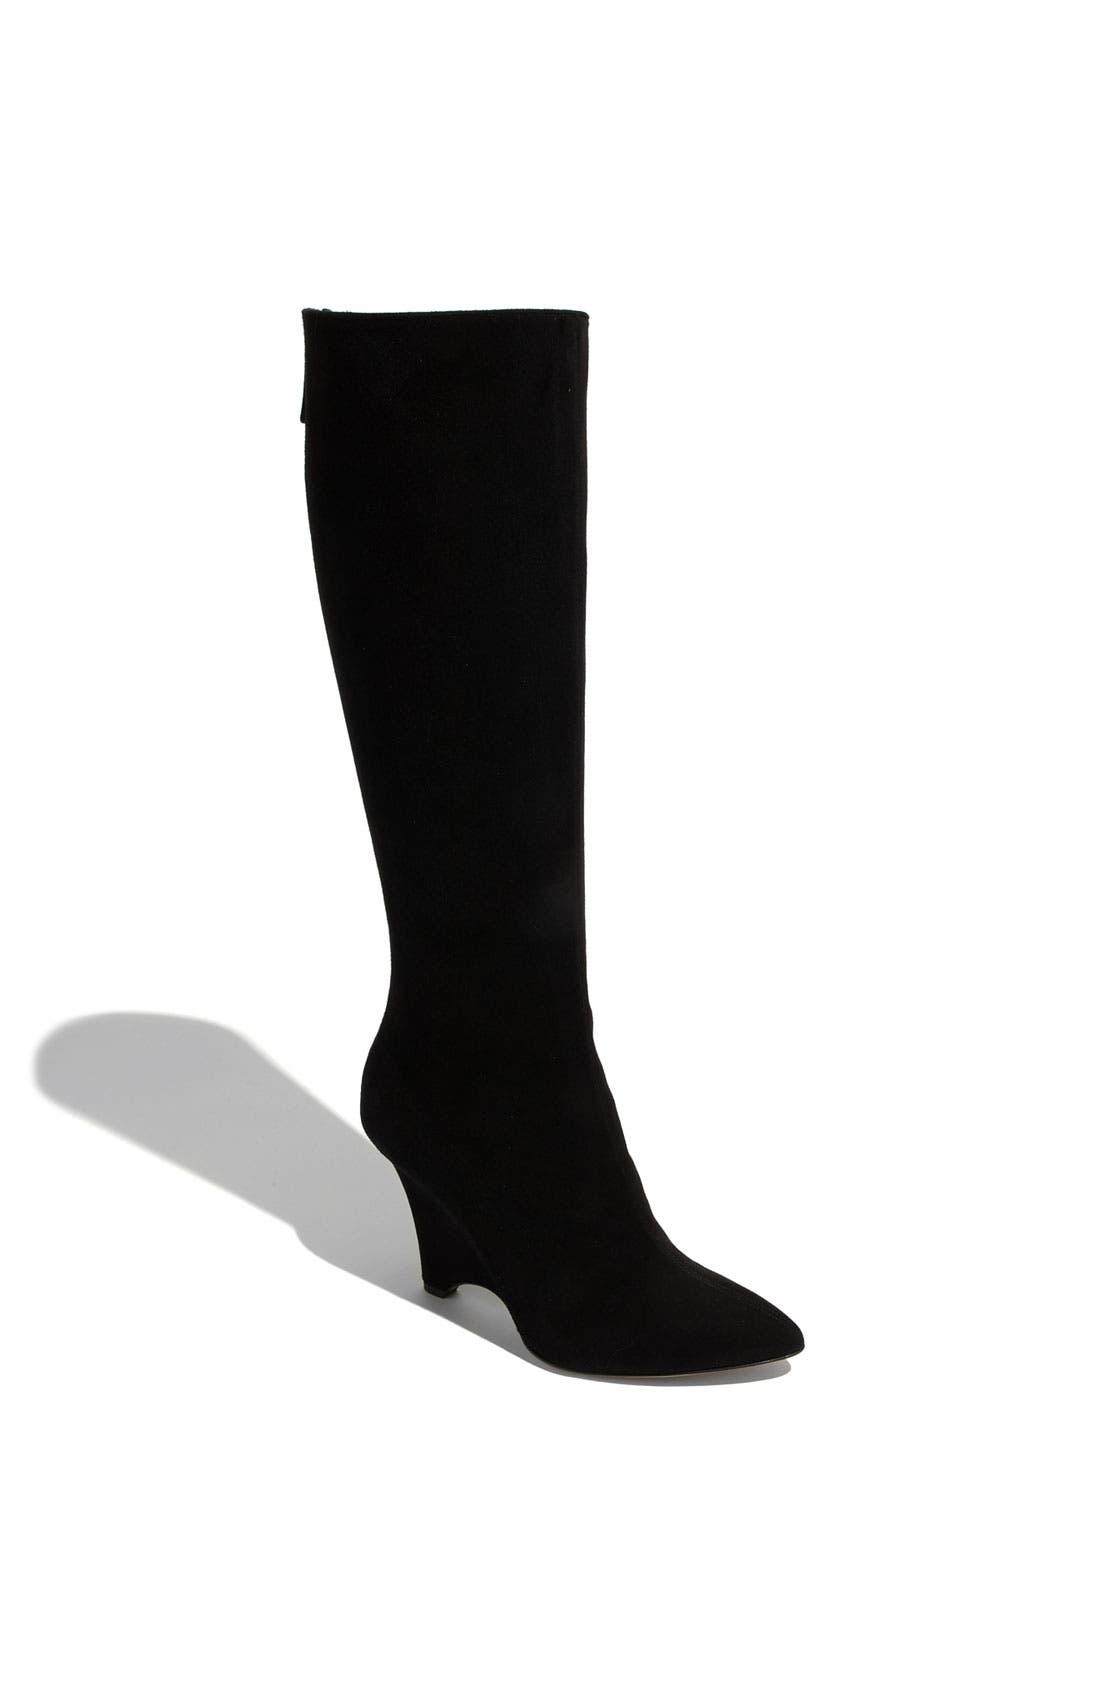 Main Image - kate spade new york 'darya' boot